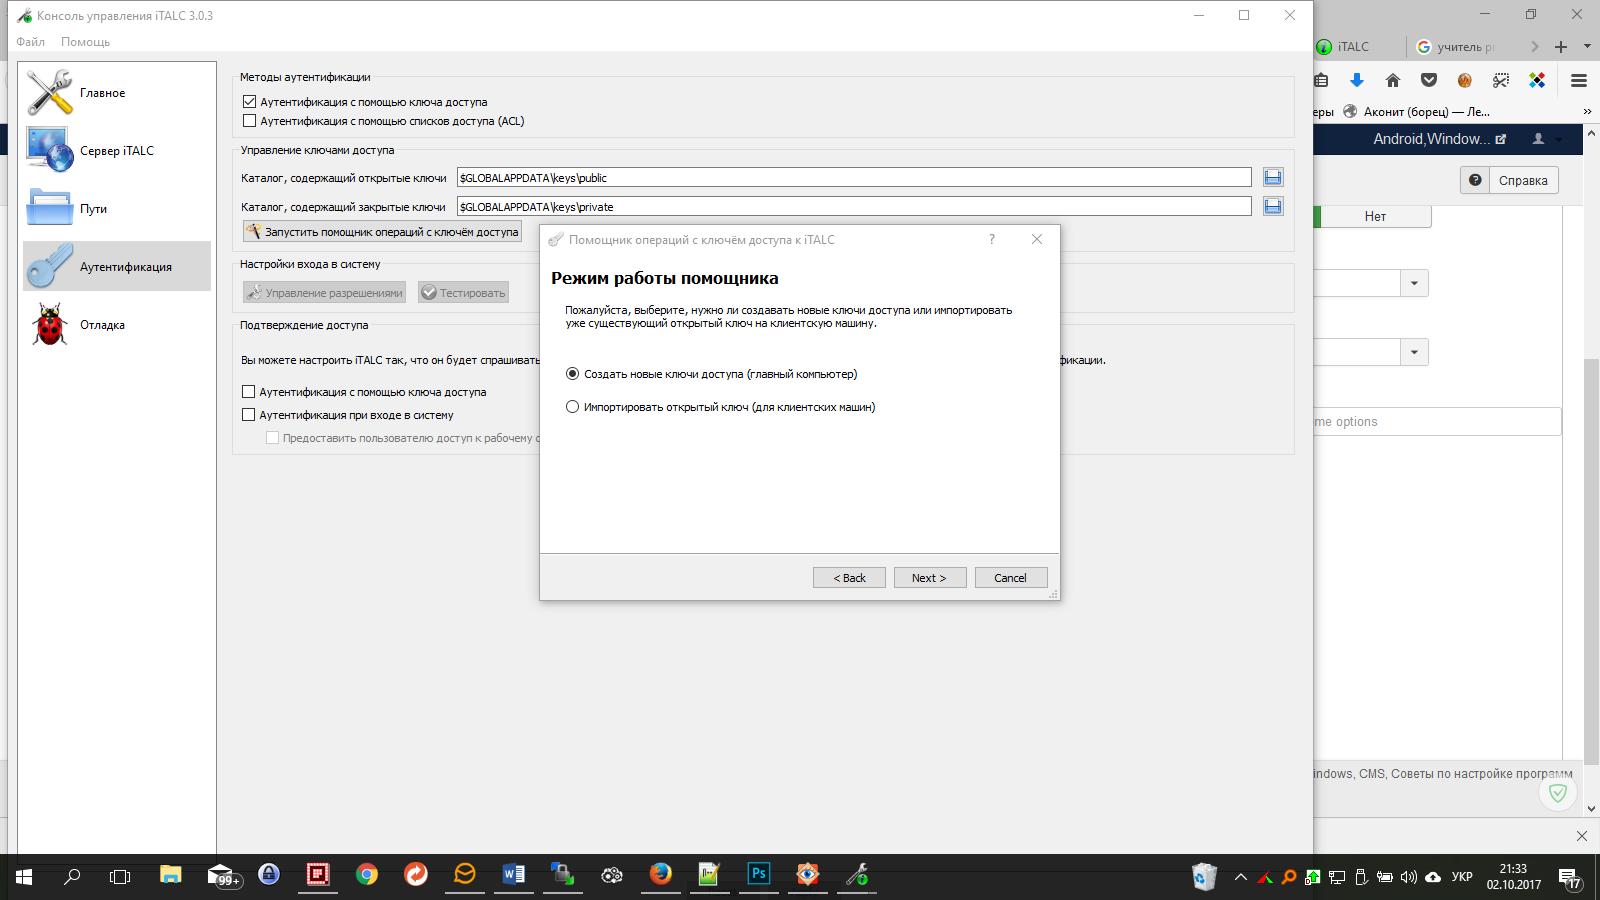 Скачать программу italc для windows